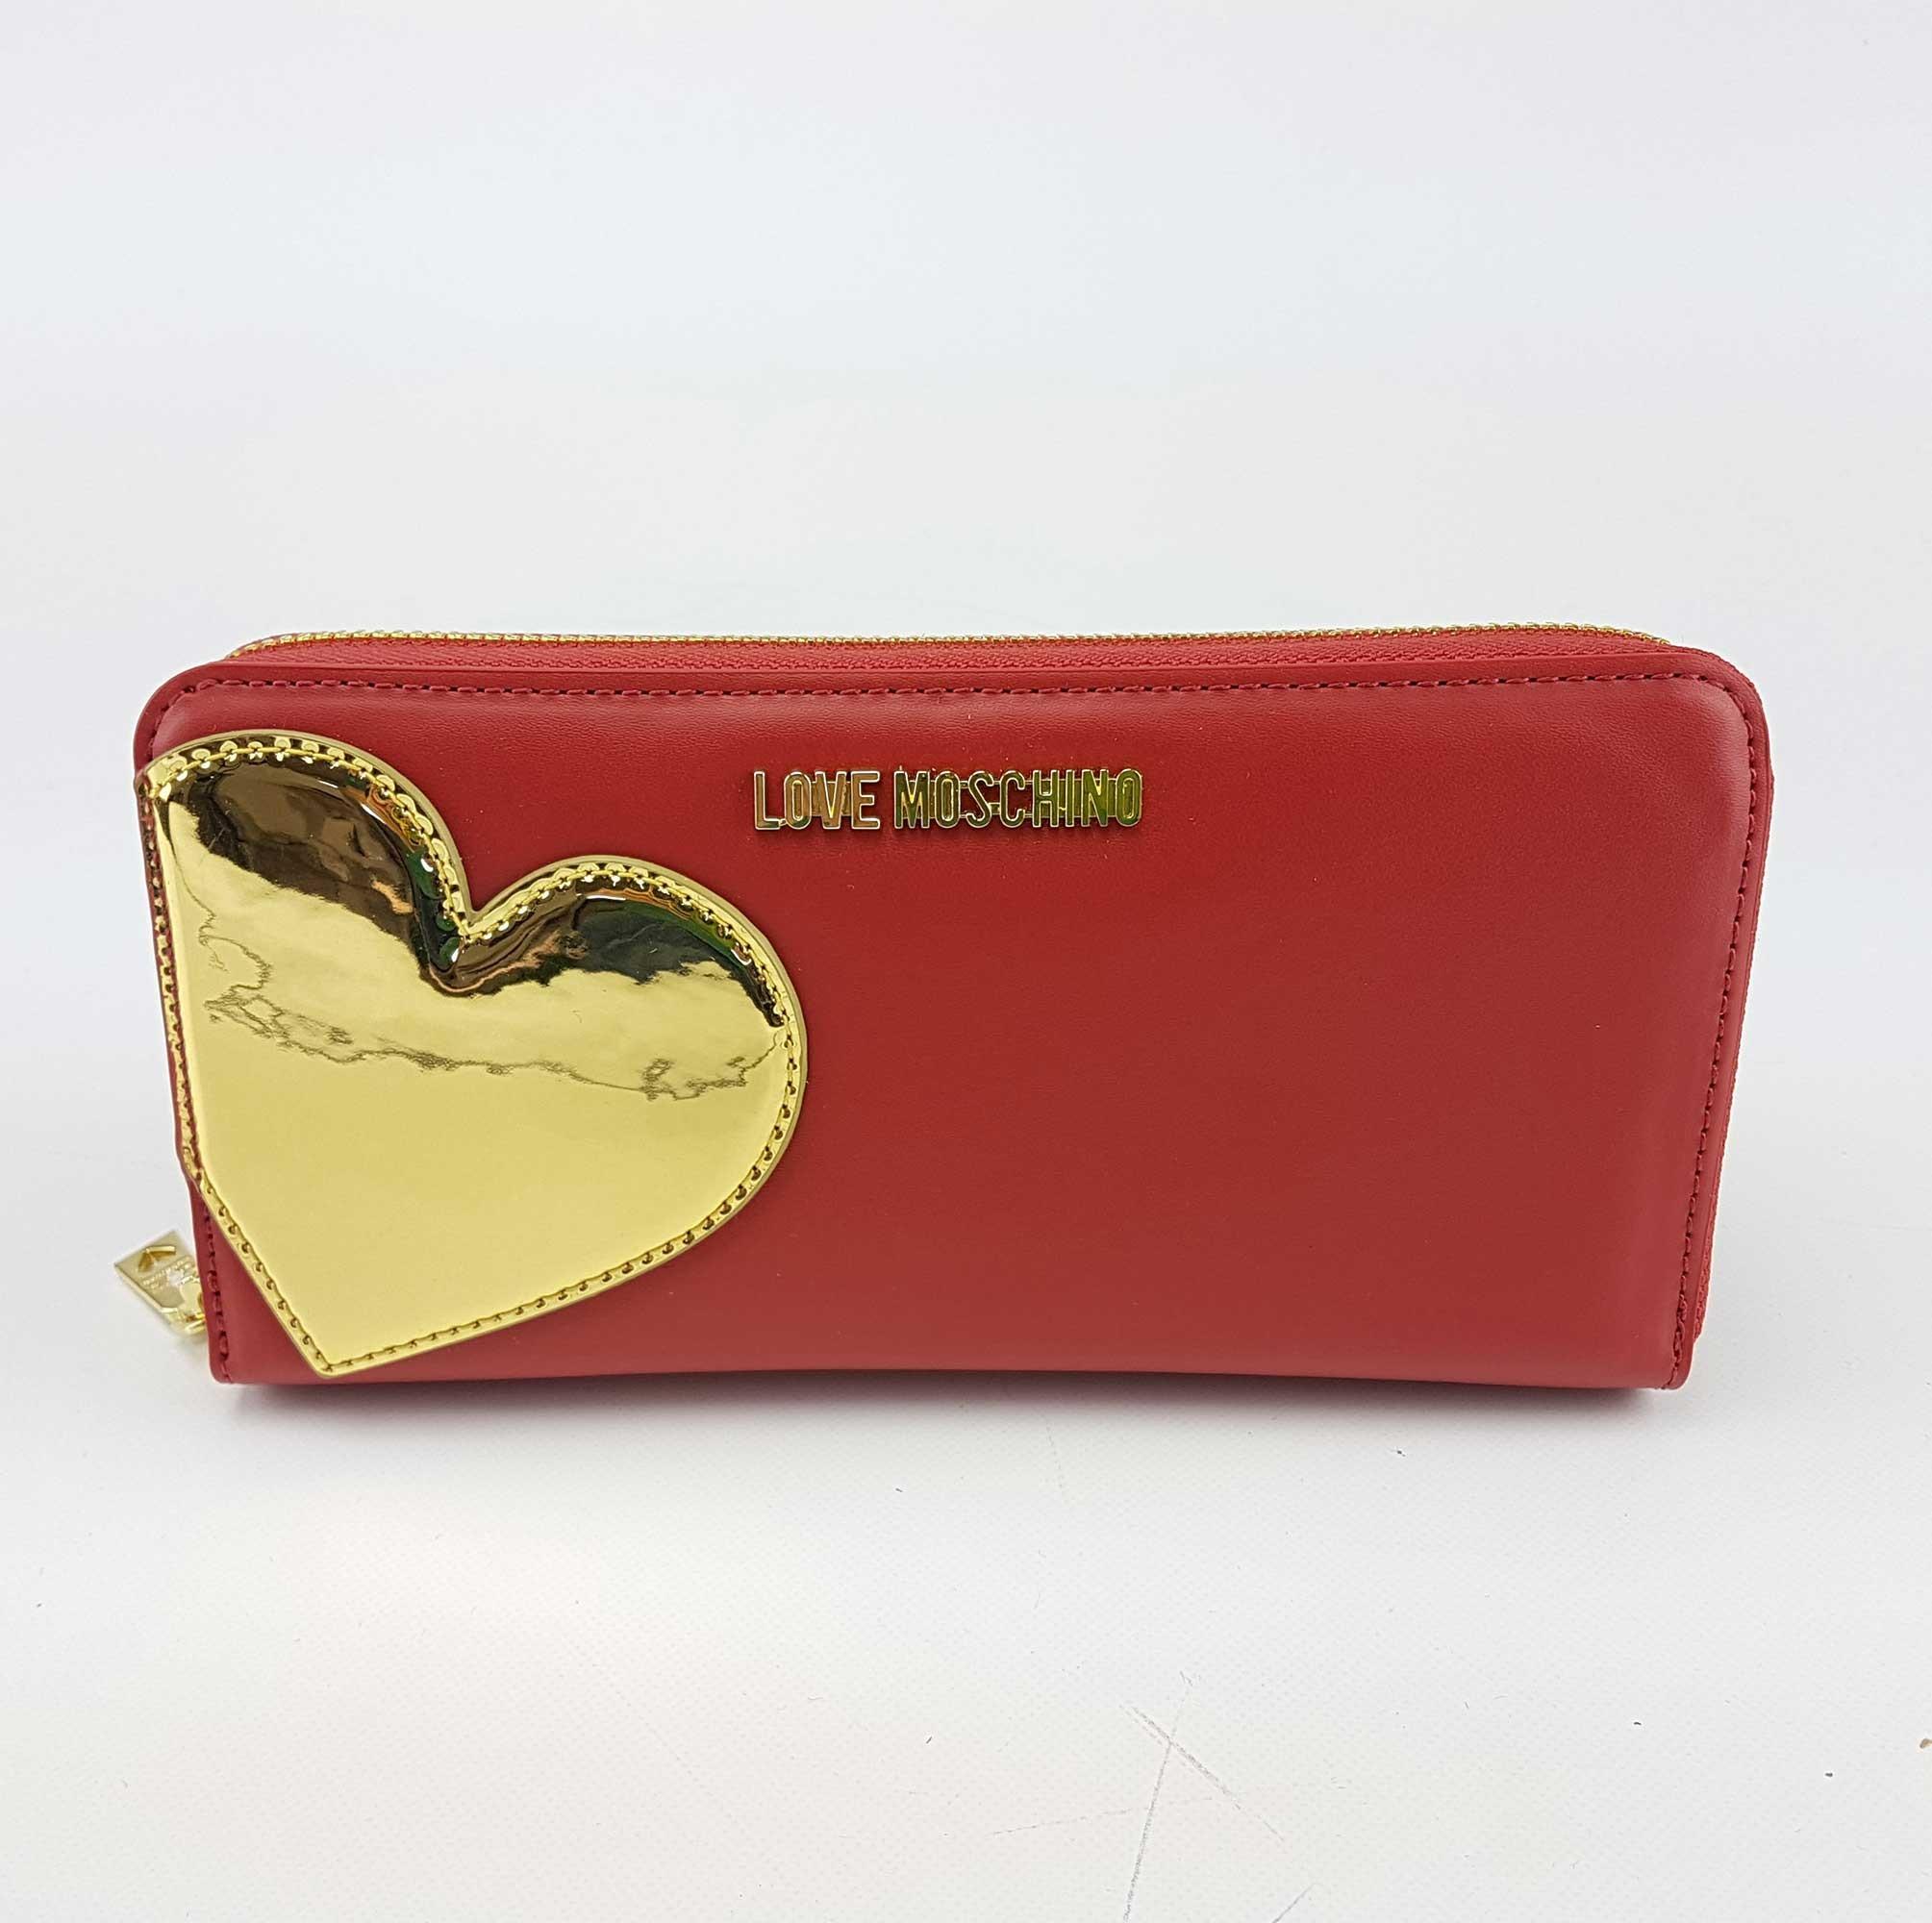 9c9d900b20 Portafoglio Love Moschino con cuore rosso oro